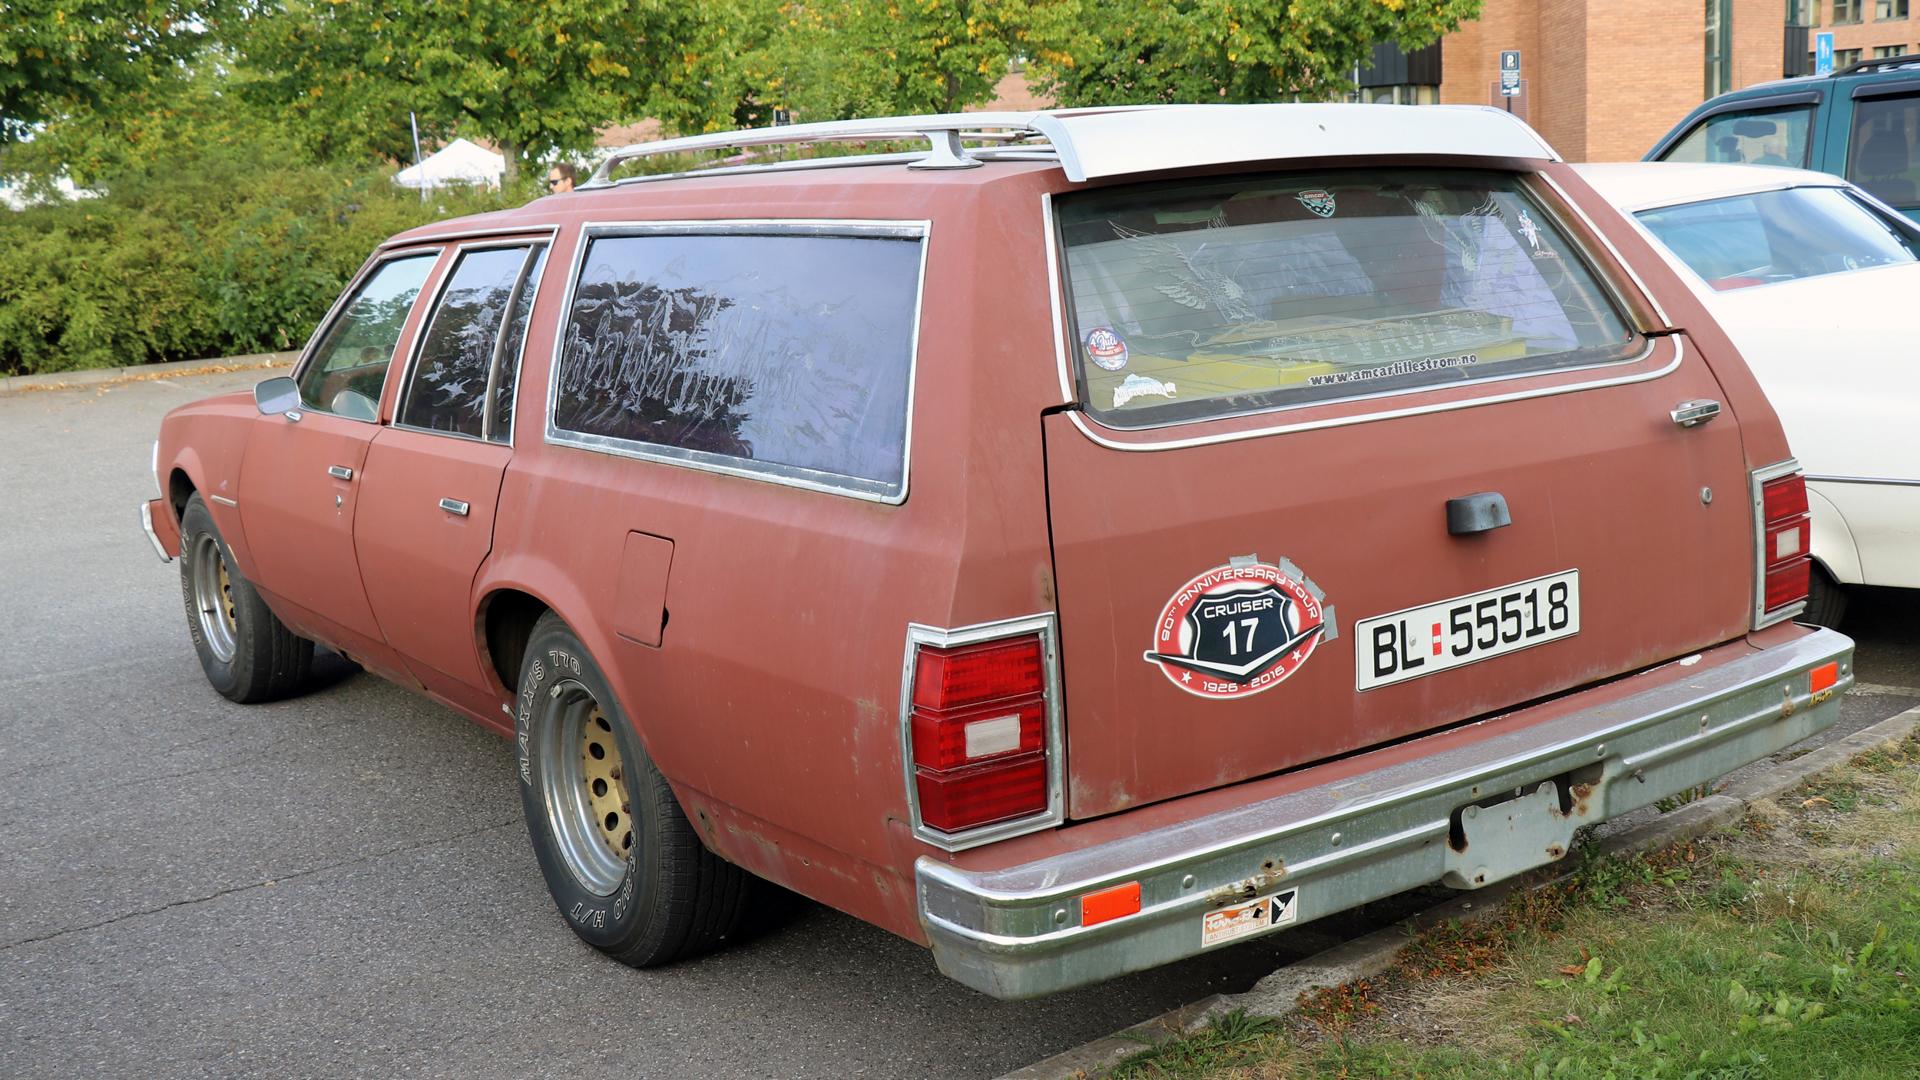 011-1977 Chevrolet Caprice Classic 02. Eier- medle